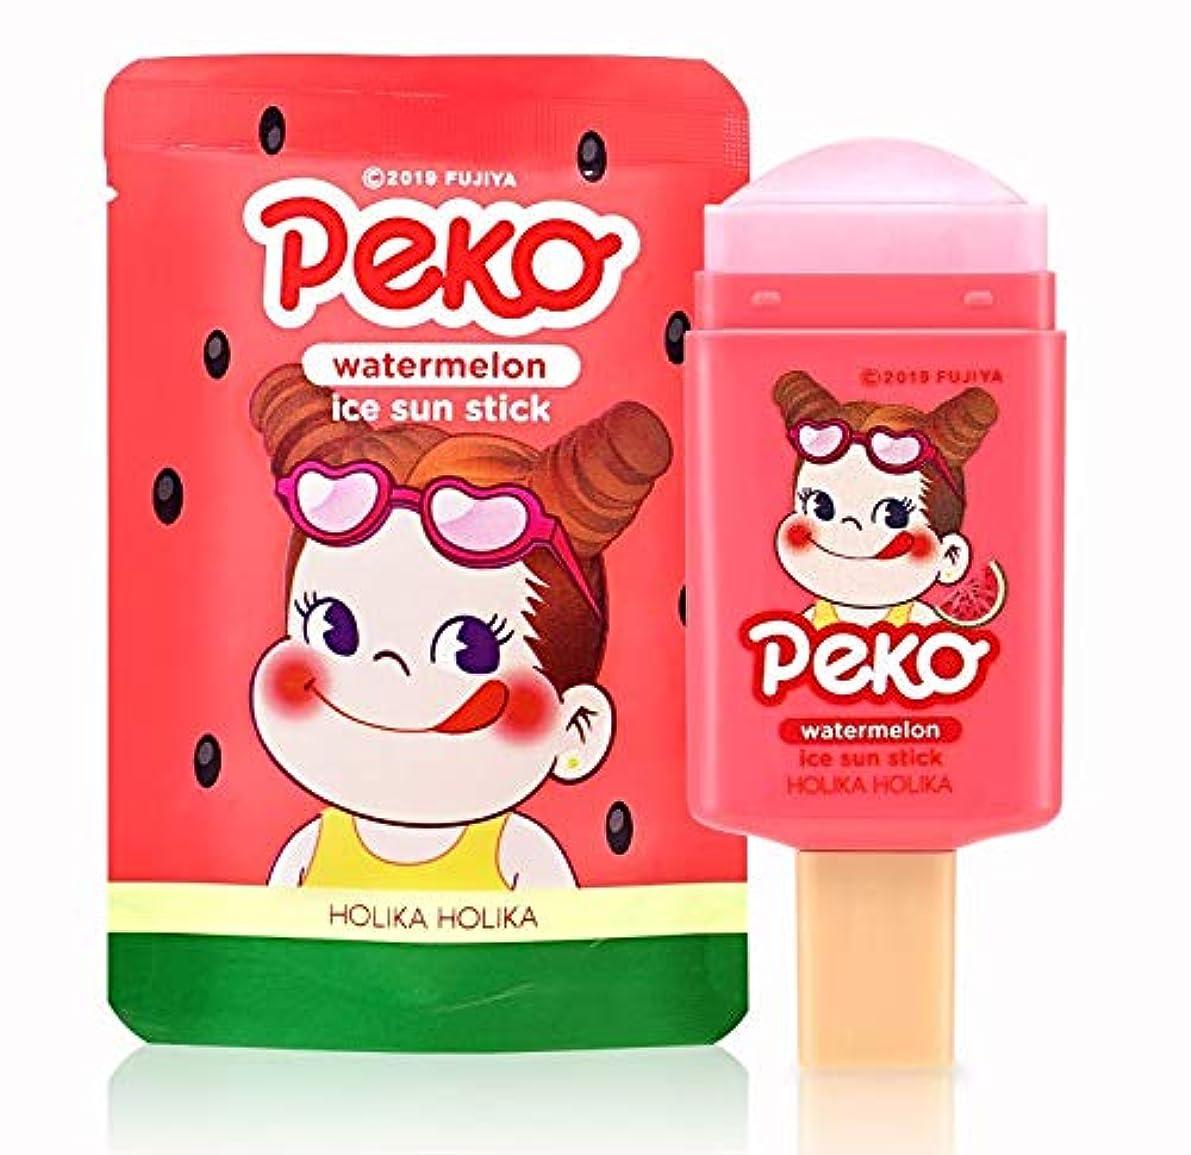 スカイディスコむしゃむしゃホリカホリカ [スイートペコエディション] スイカ アイス サン スティック 14g / Holika Holika [Sweet Peko Edition] Watermellon Ice Sun Stick SPF50+ PA++++ [並行輸入品]